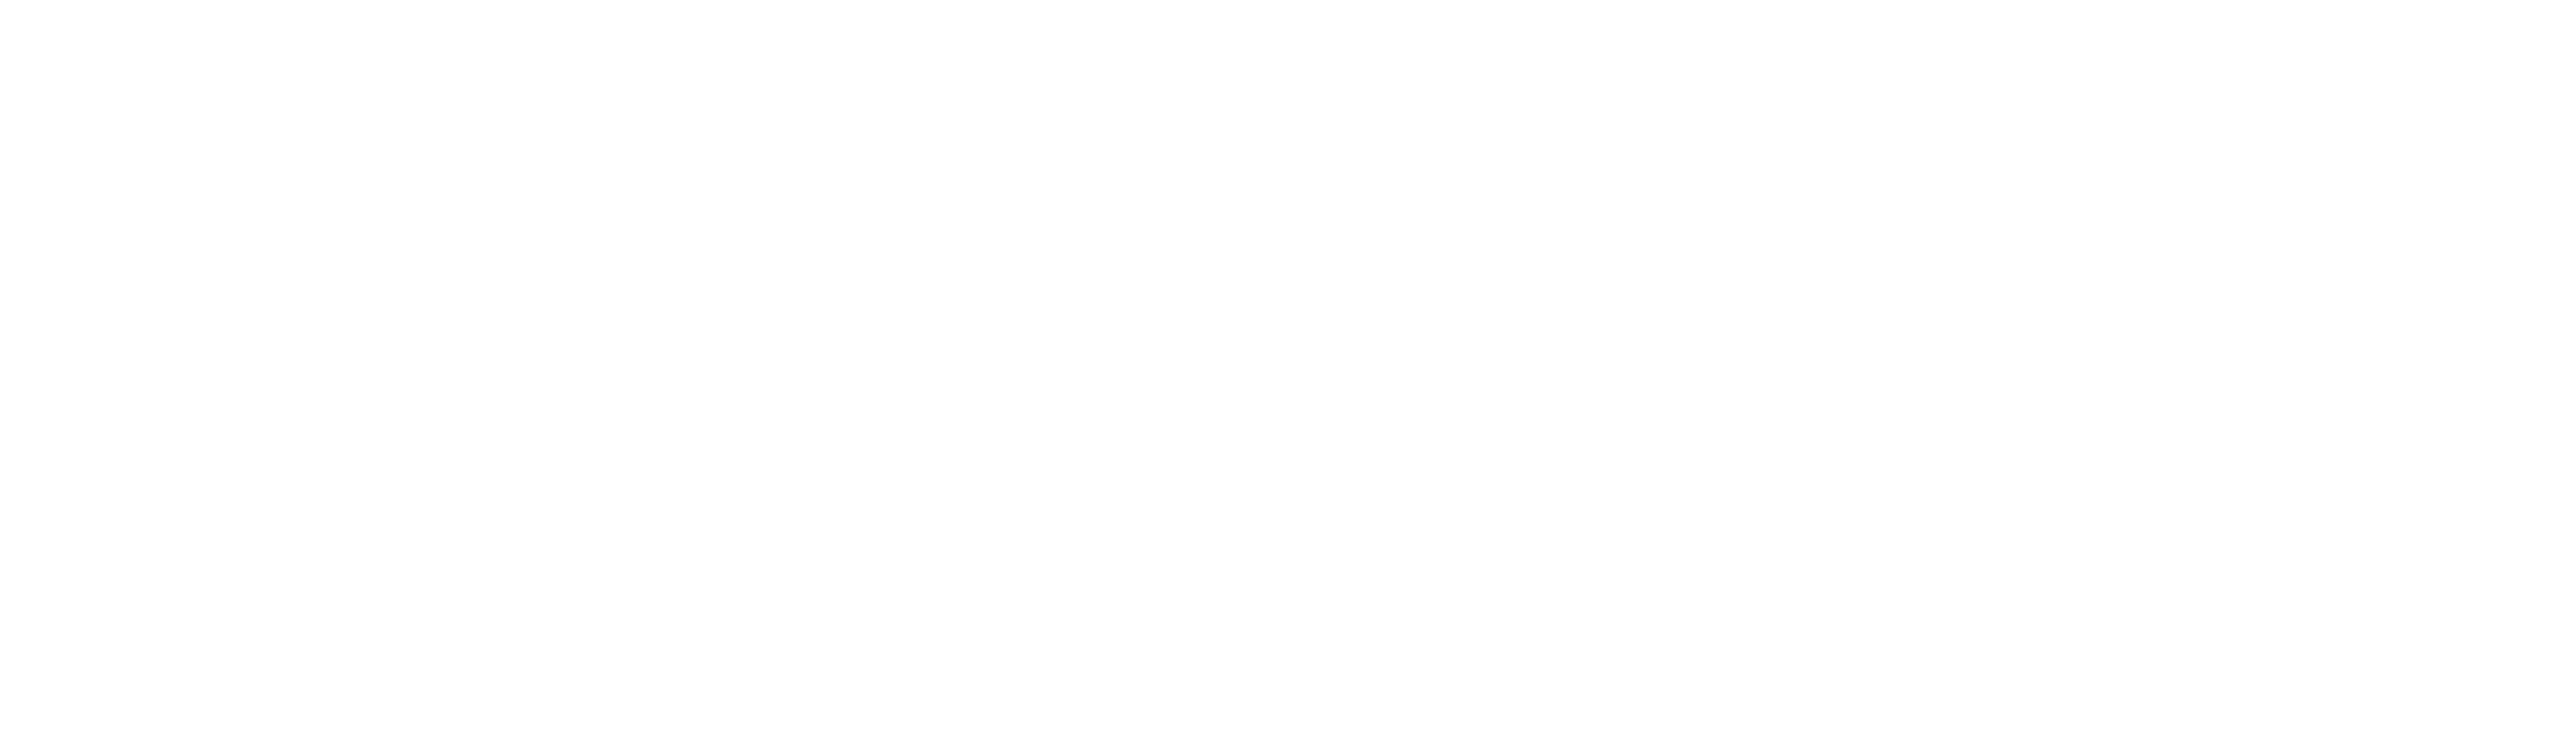 Star Trek: Bridge